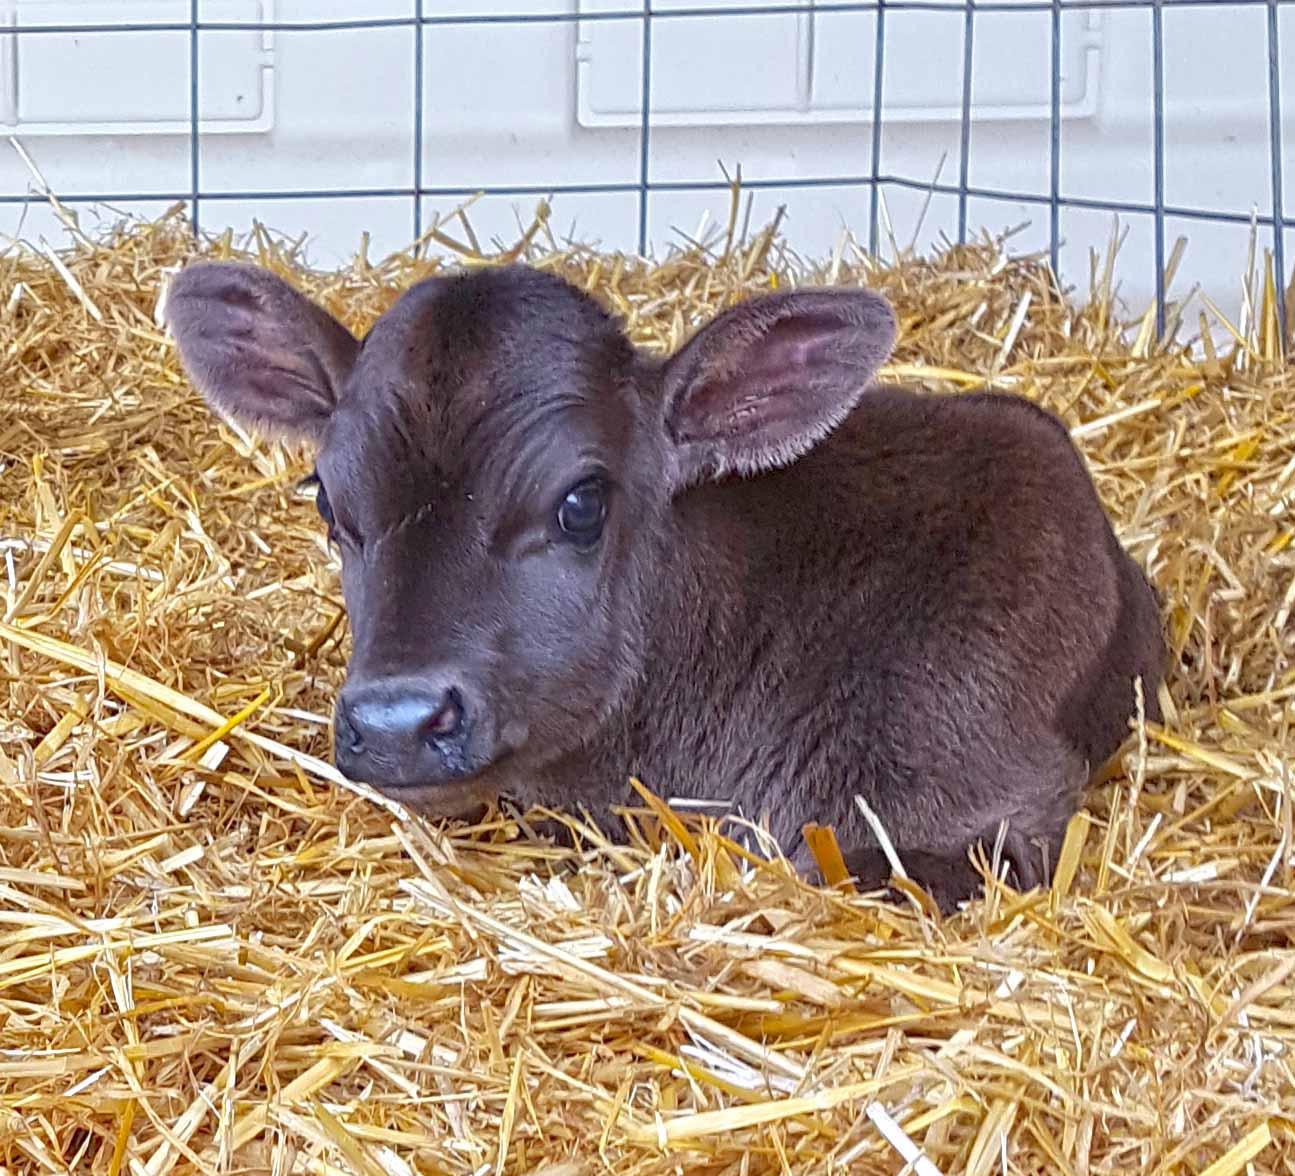 Brown calf resting in pen